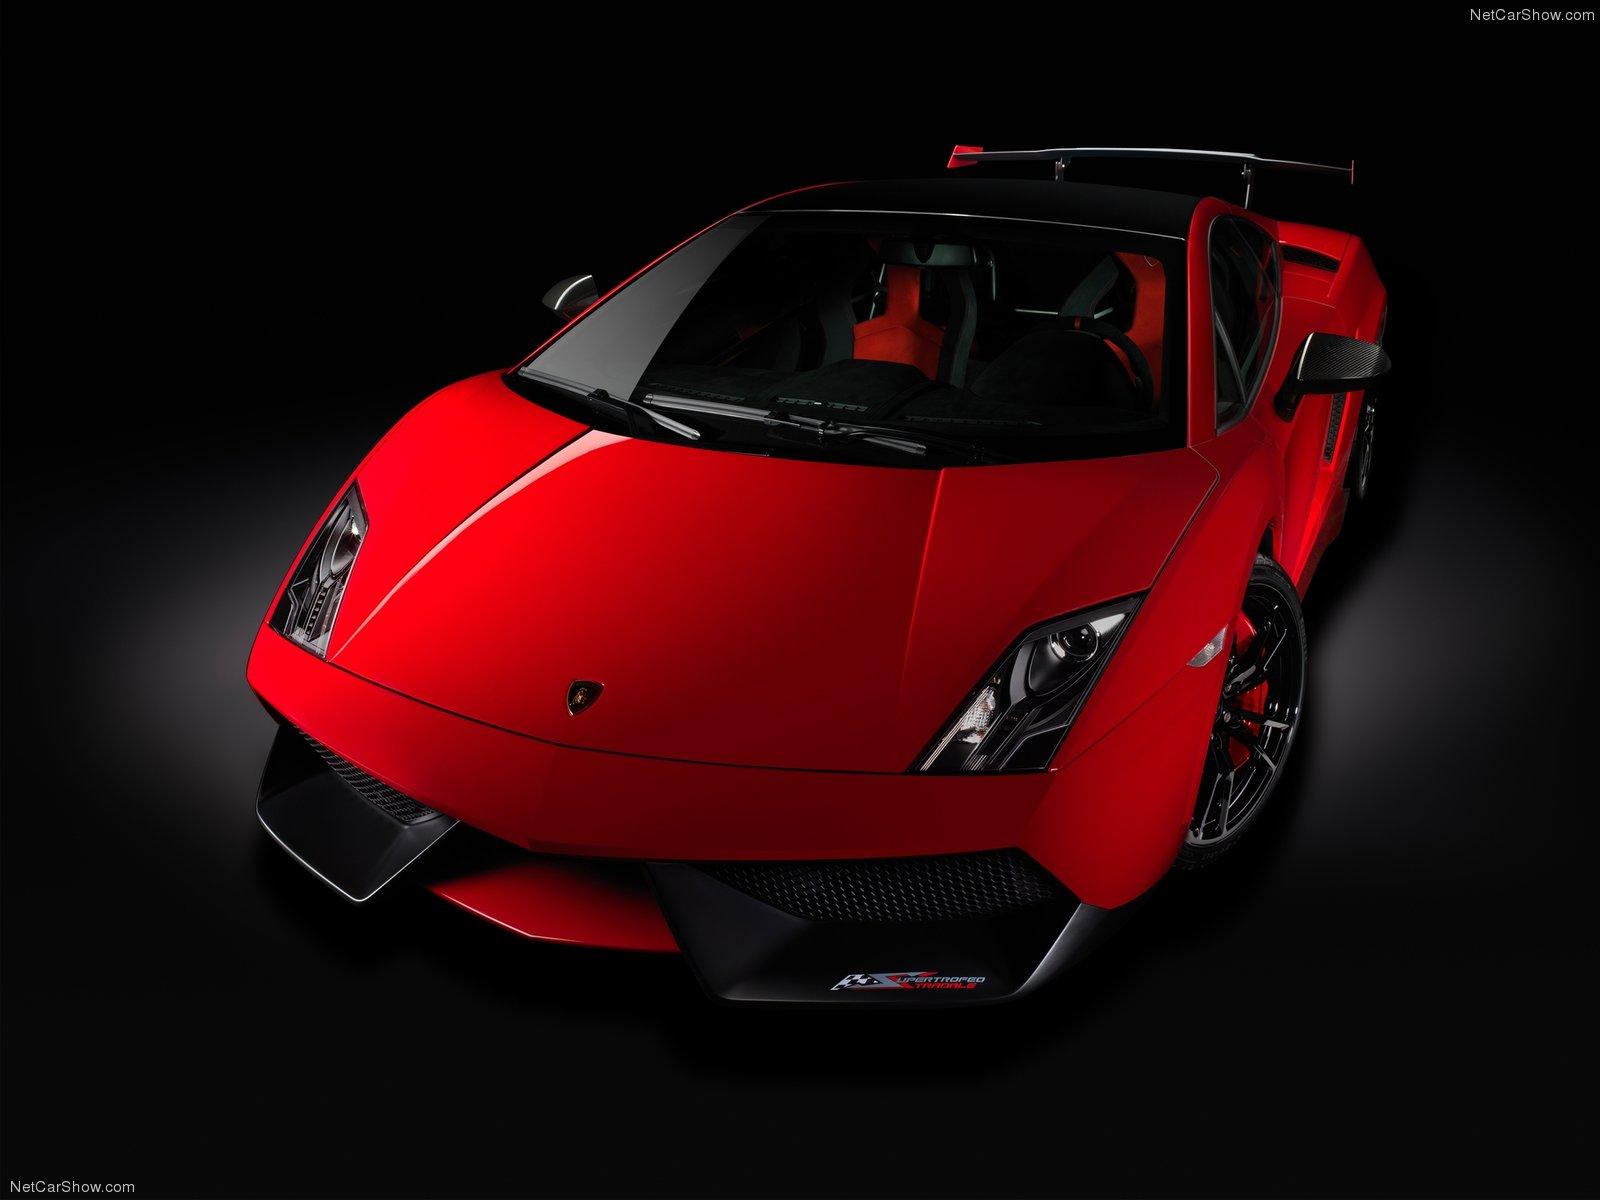 Hình ảnh siêu xe Lamborghini Gallardo LP570-4 Super Trofeo Stradale 2012 & nội ngoại thất